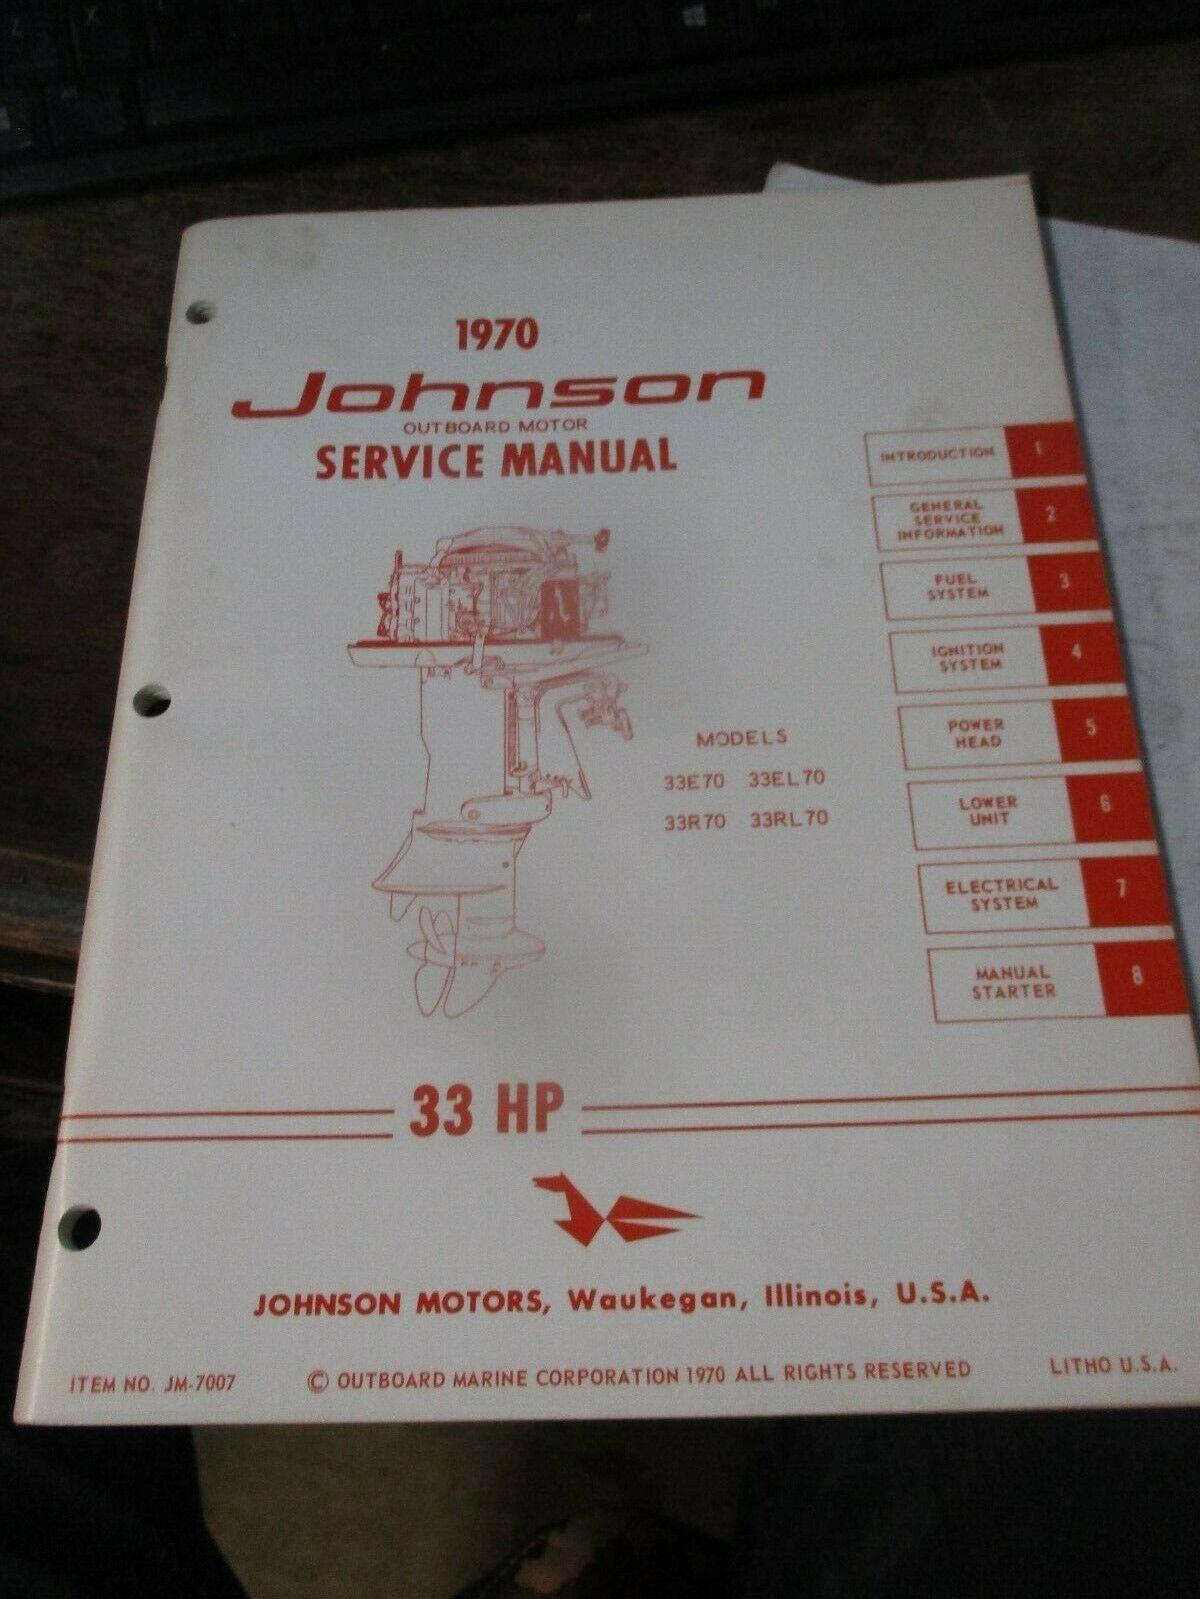 1970 OMC Johnson Outboard 33 HP Models 33E70 33EL 70 Service Manual JM-7007